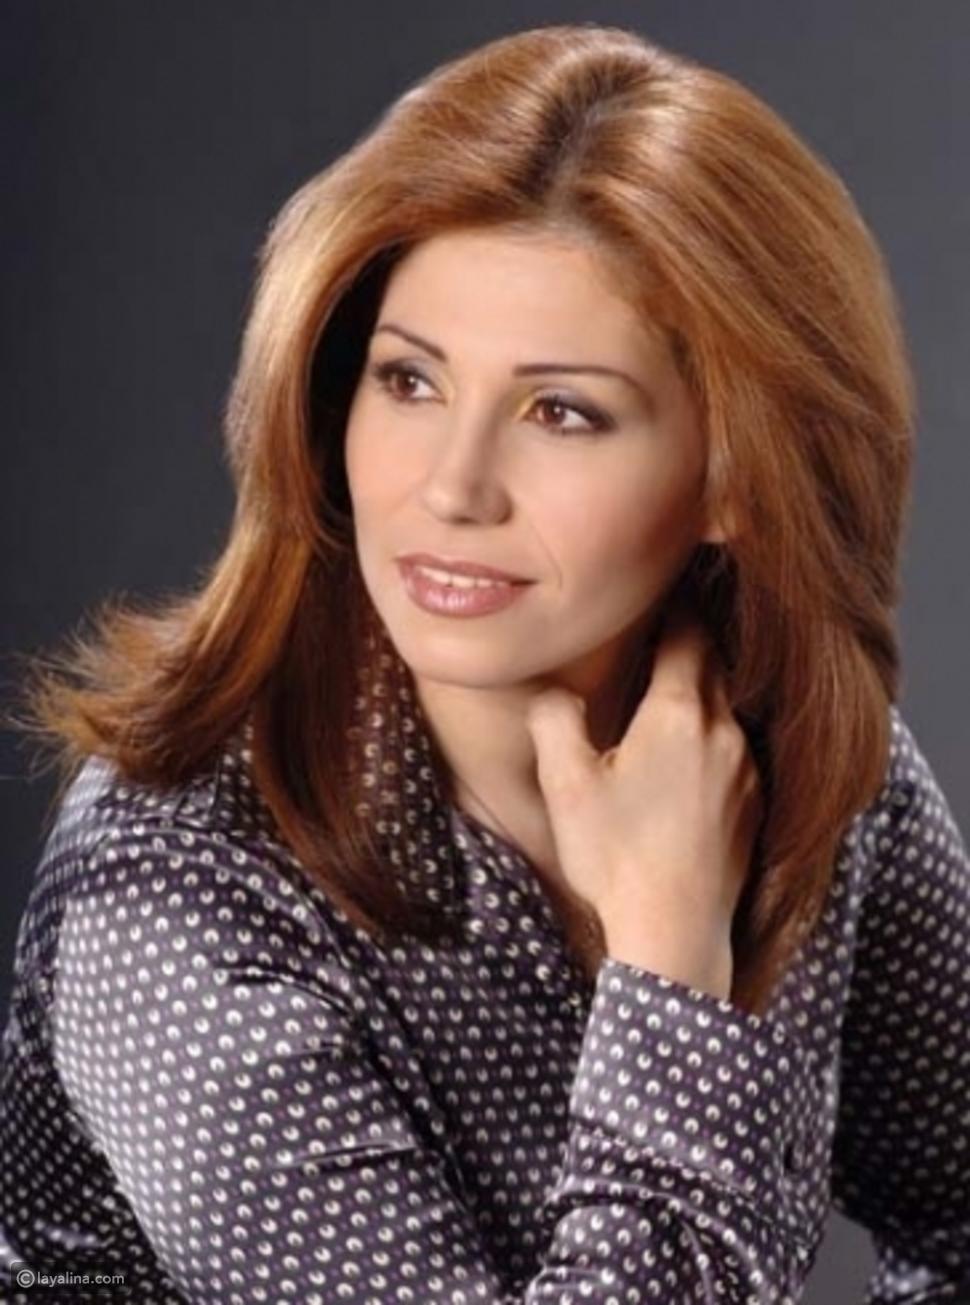 """بالصورة نجمة مشهورة ظهرت في طفولتها خلال برنامج الأطفال """"افتح يا سمسم"""" من هي؟"""